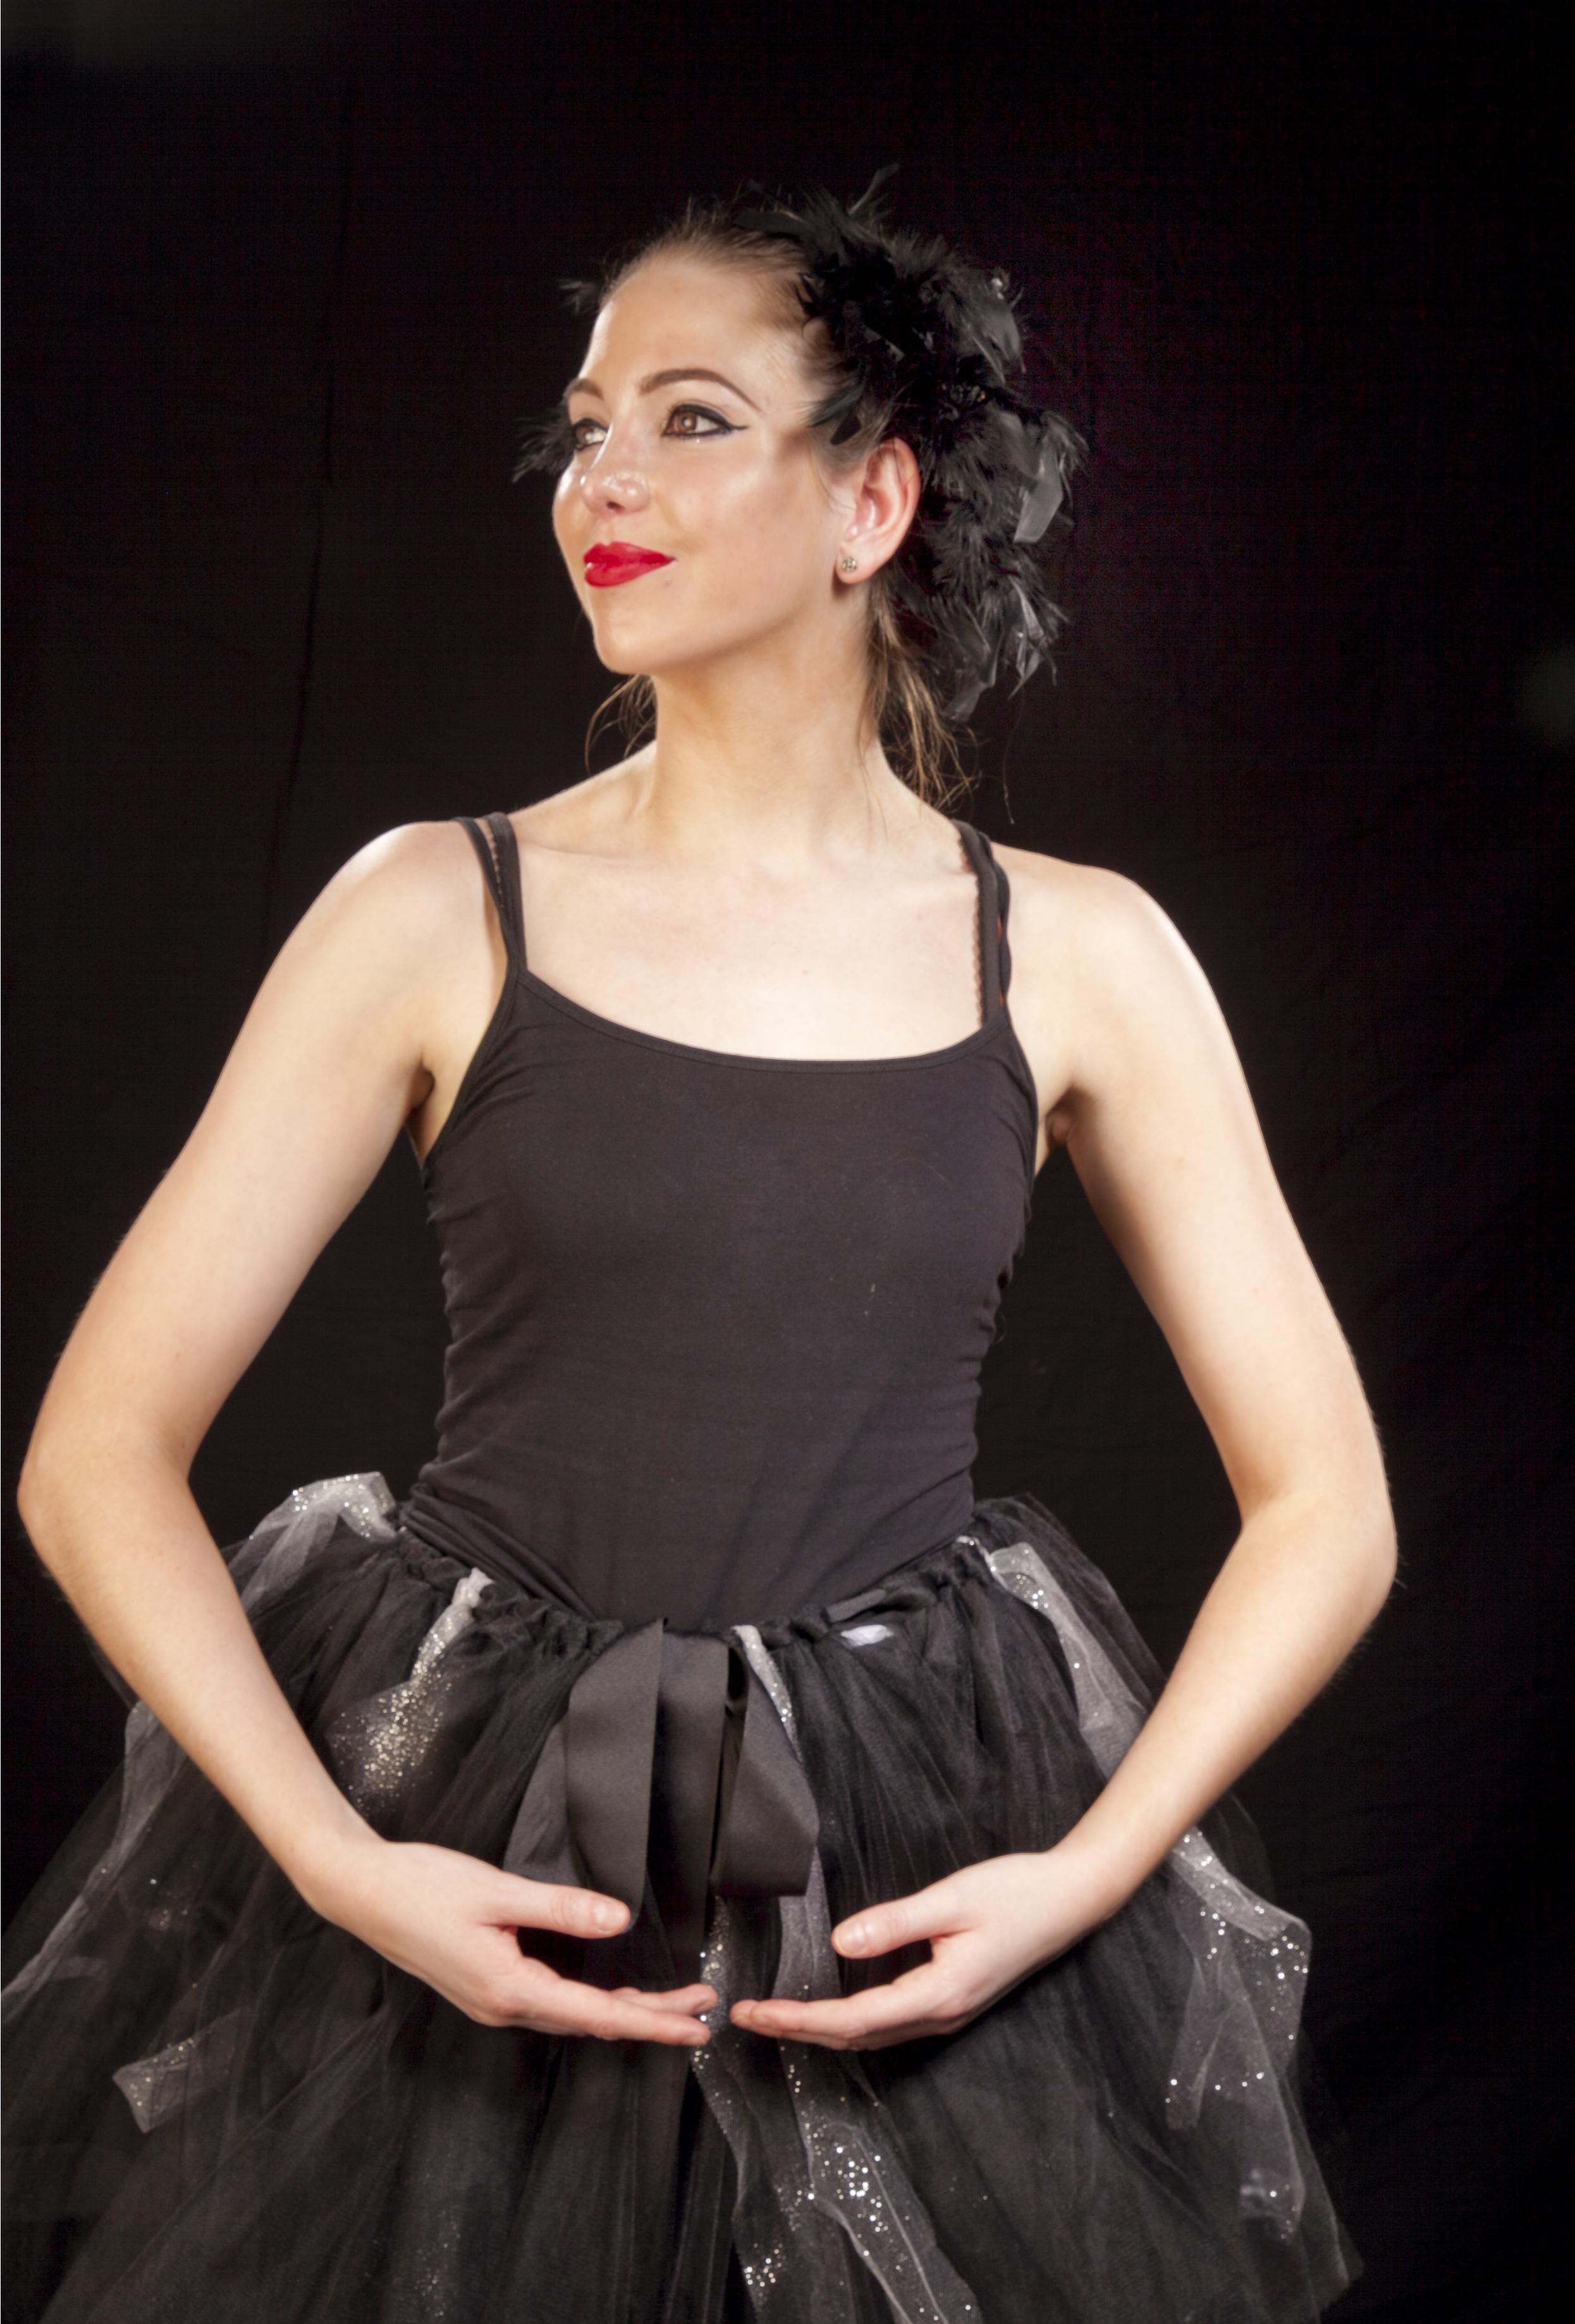 Ballarina in black tutuIMG_4384.jpg